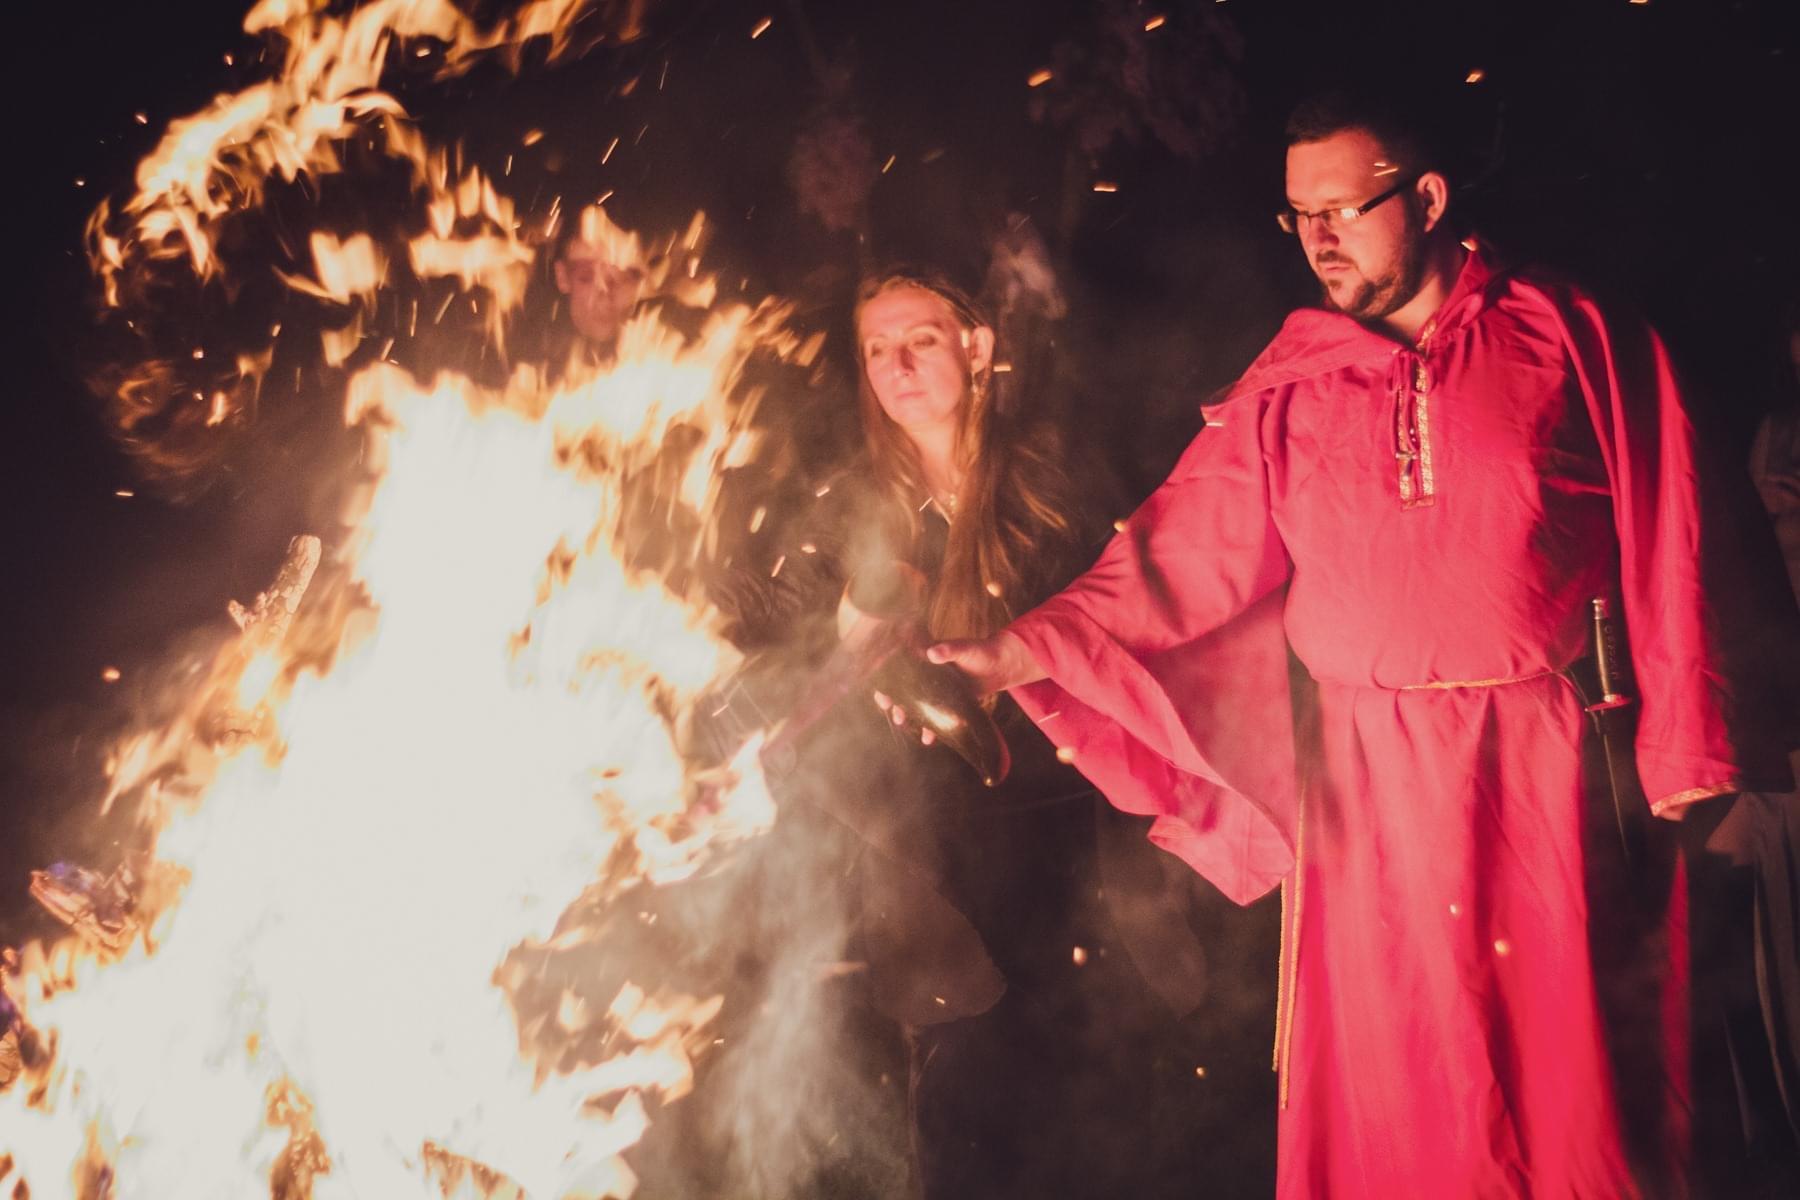 Rytuały czarownic odbywają się regularnie, nawet w Polsce.